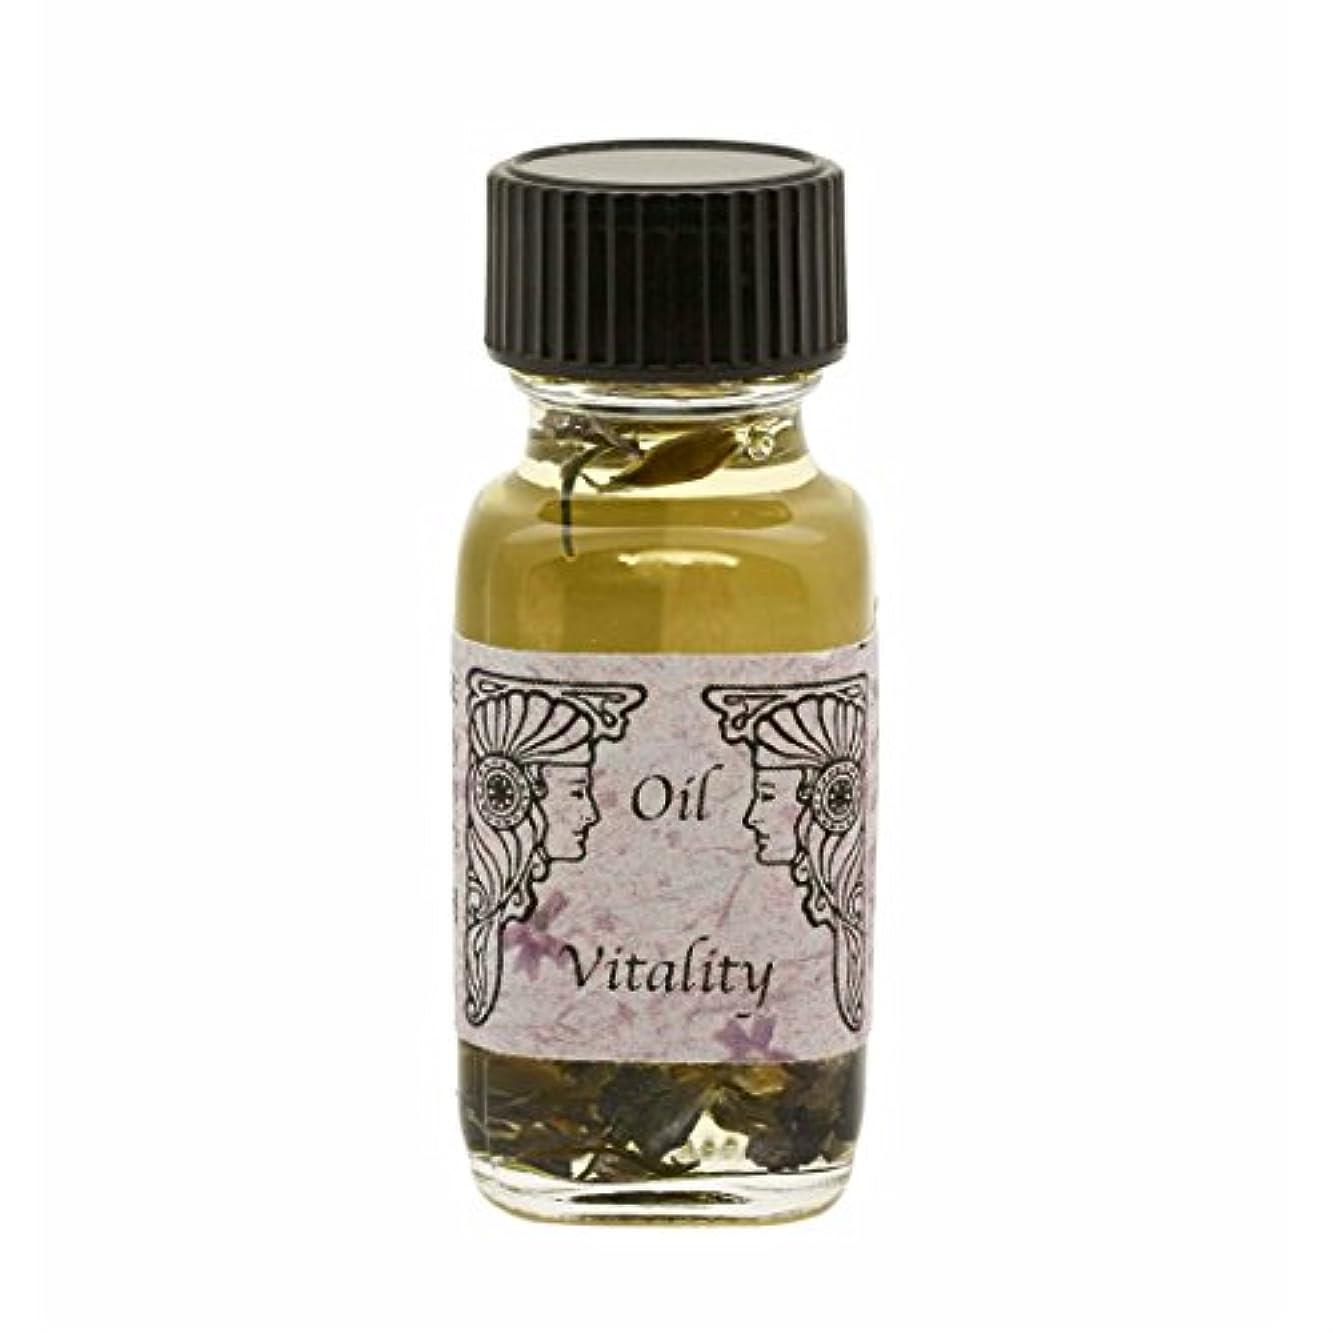 防衛干し草レッスンアンシェントメモリーオイル バイタリティ Vitality 活気 2017年新作 (Ancient Memory Oils)